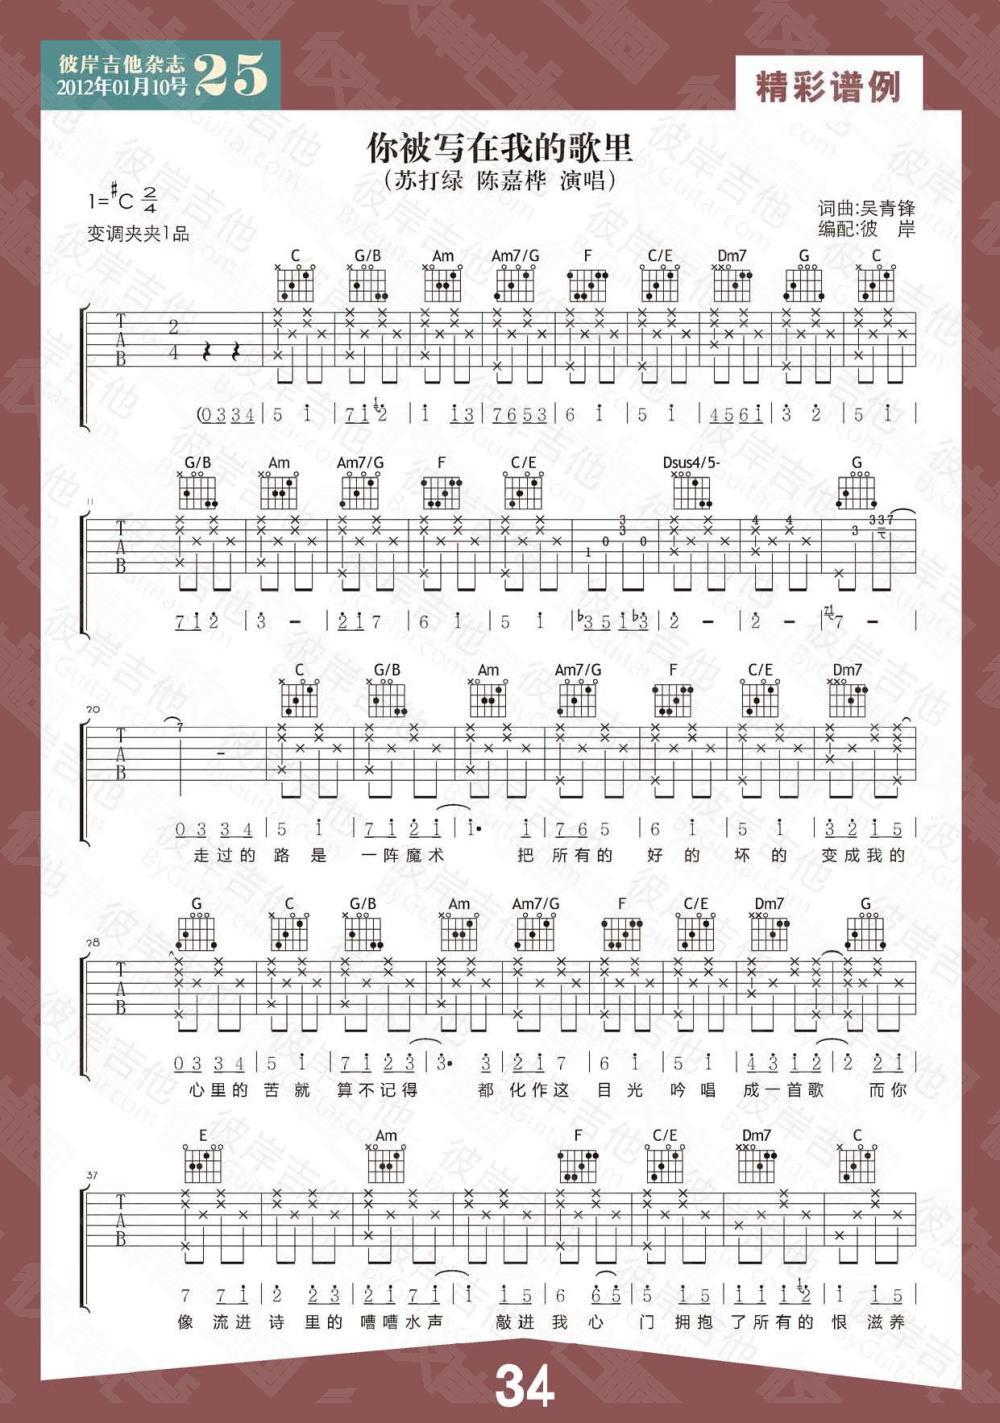 我和你歌谱歌词-你被写在我的歌里的吉他谱   你被写在我的歌里 钢琴谱 五线谱 苏打绿8